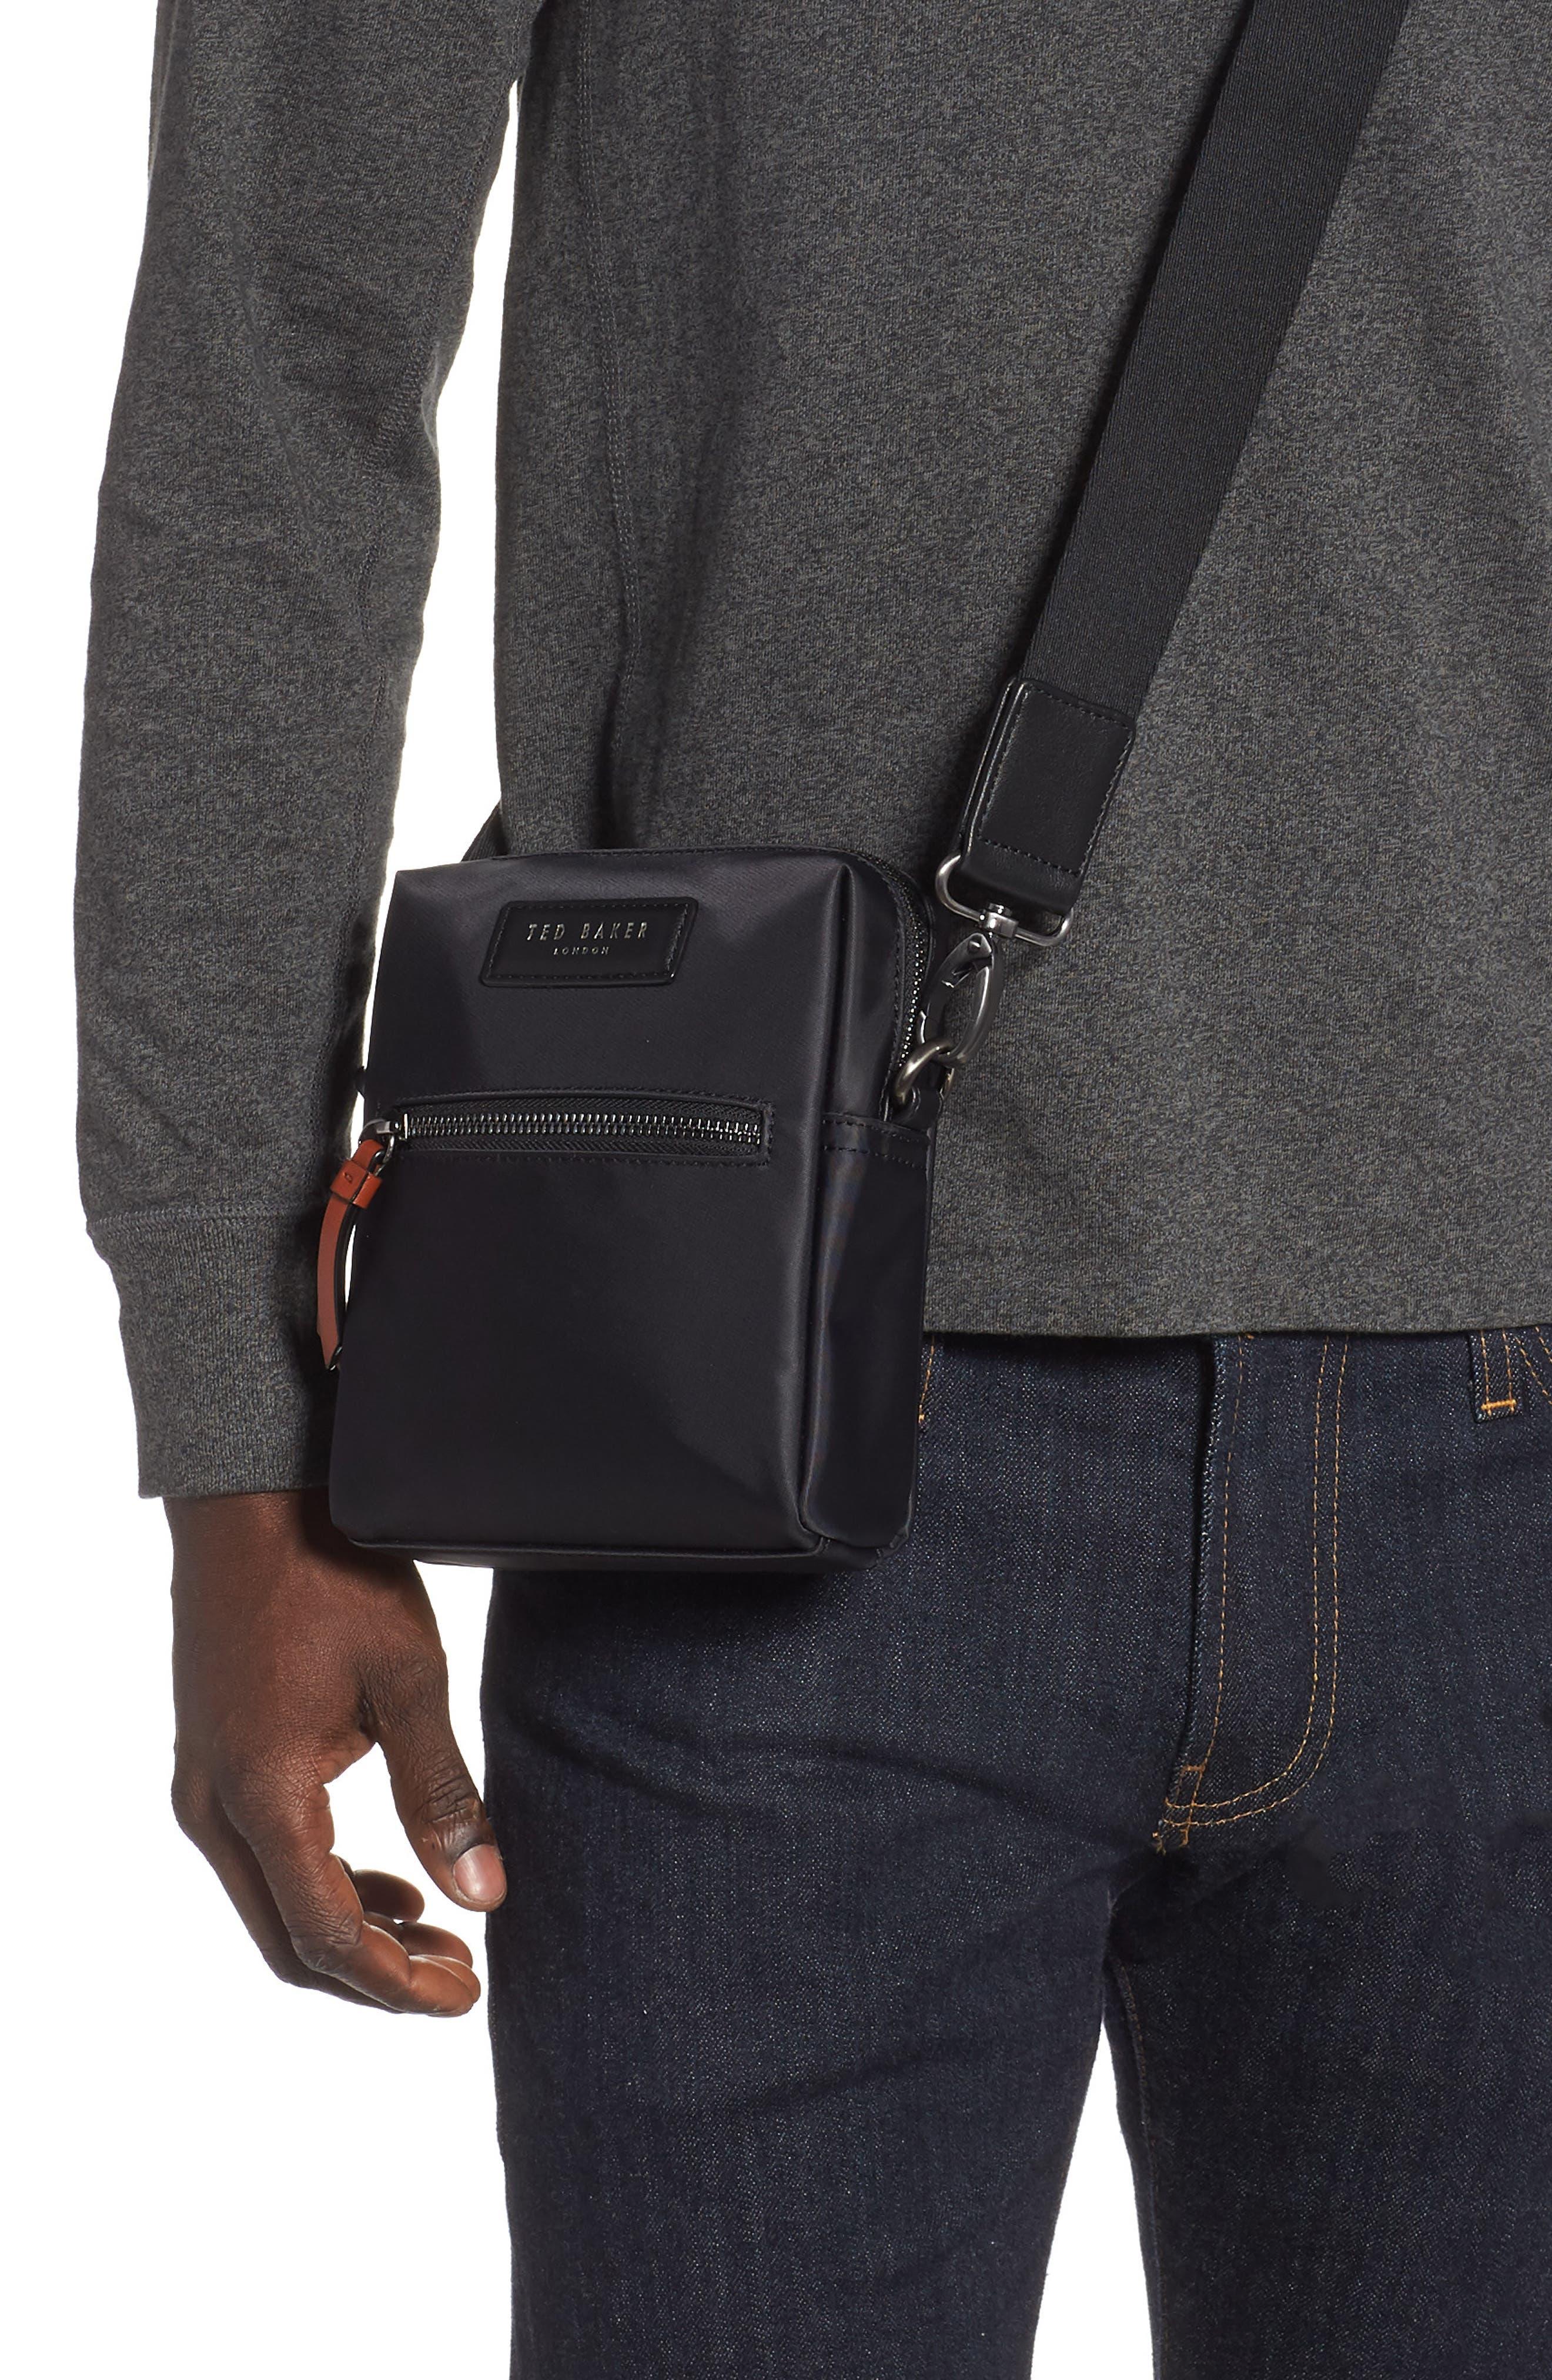 TED BAKER LONDON, Mini Flight Bag, Alternate thumbnail 2, color, BLACK